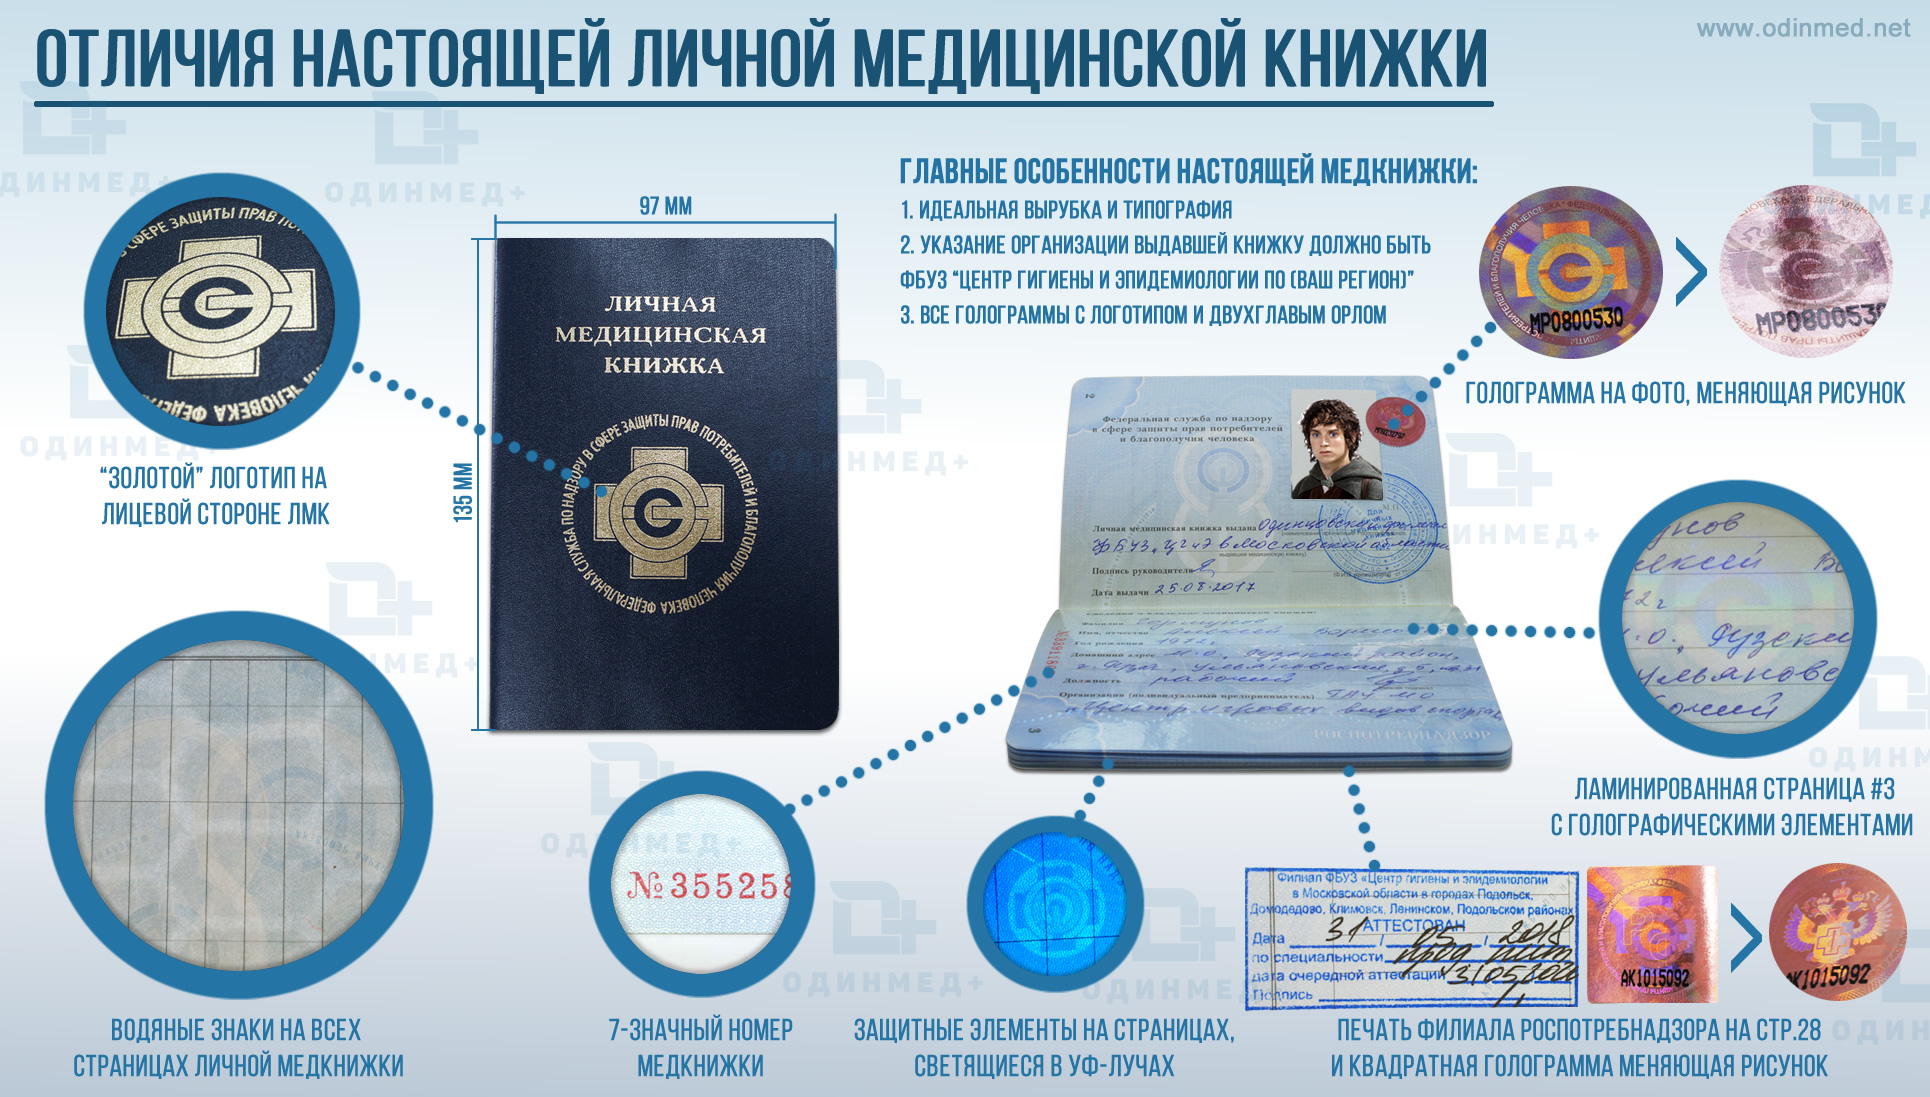 Оформление медицинской книжки официально Москва Западное Дегунино стоимость